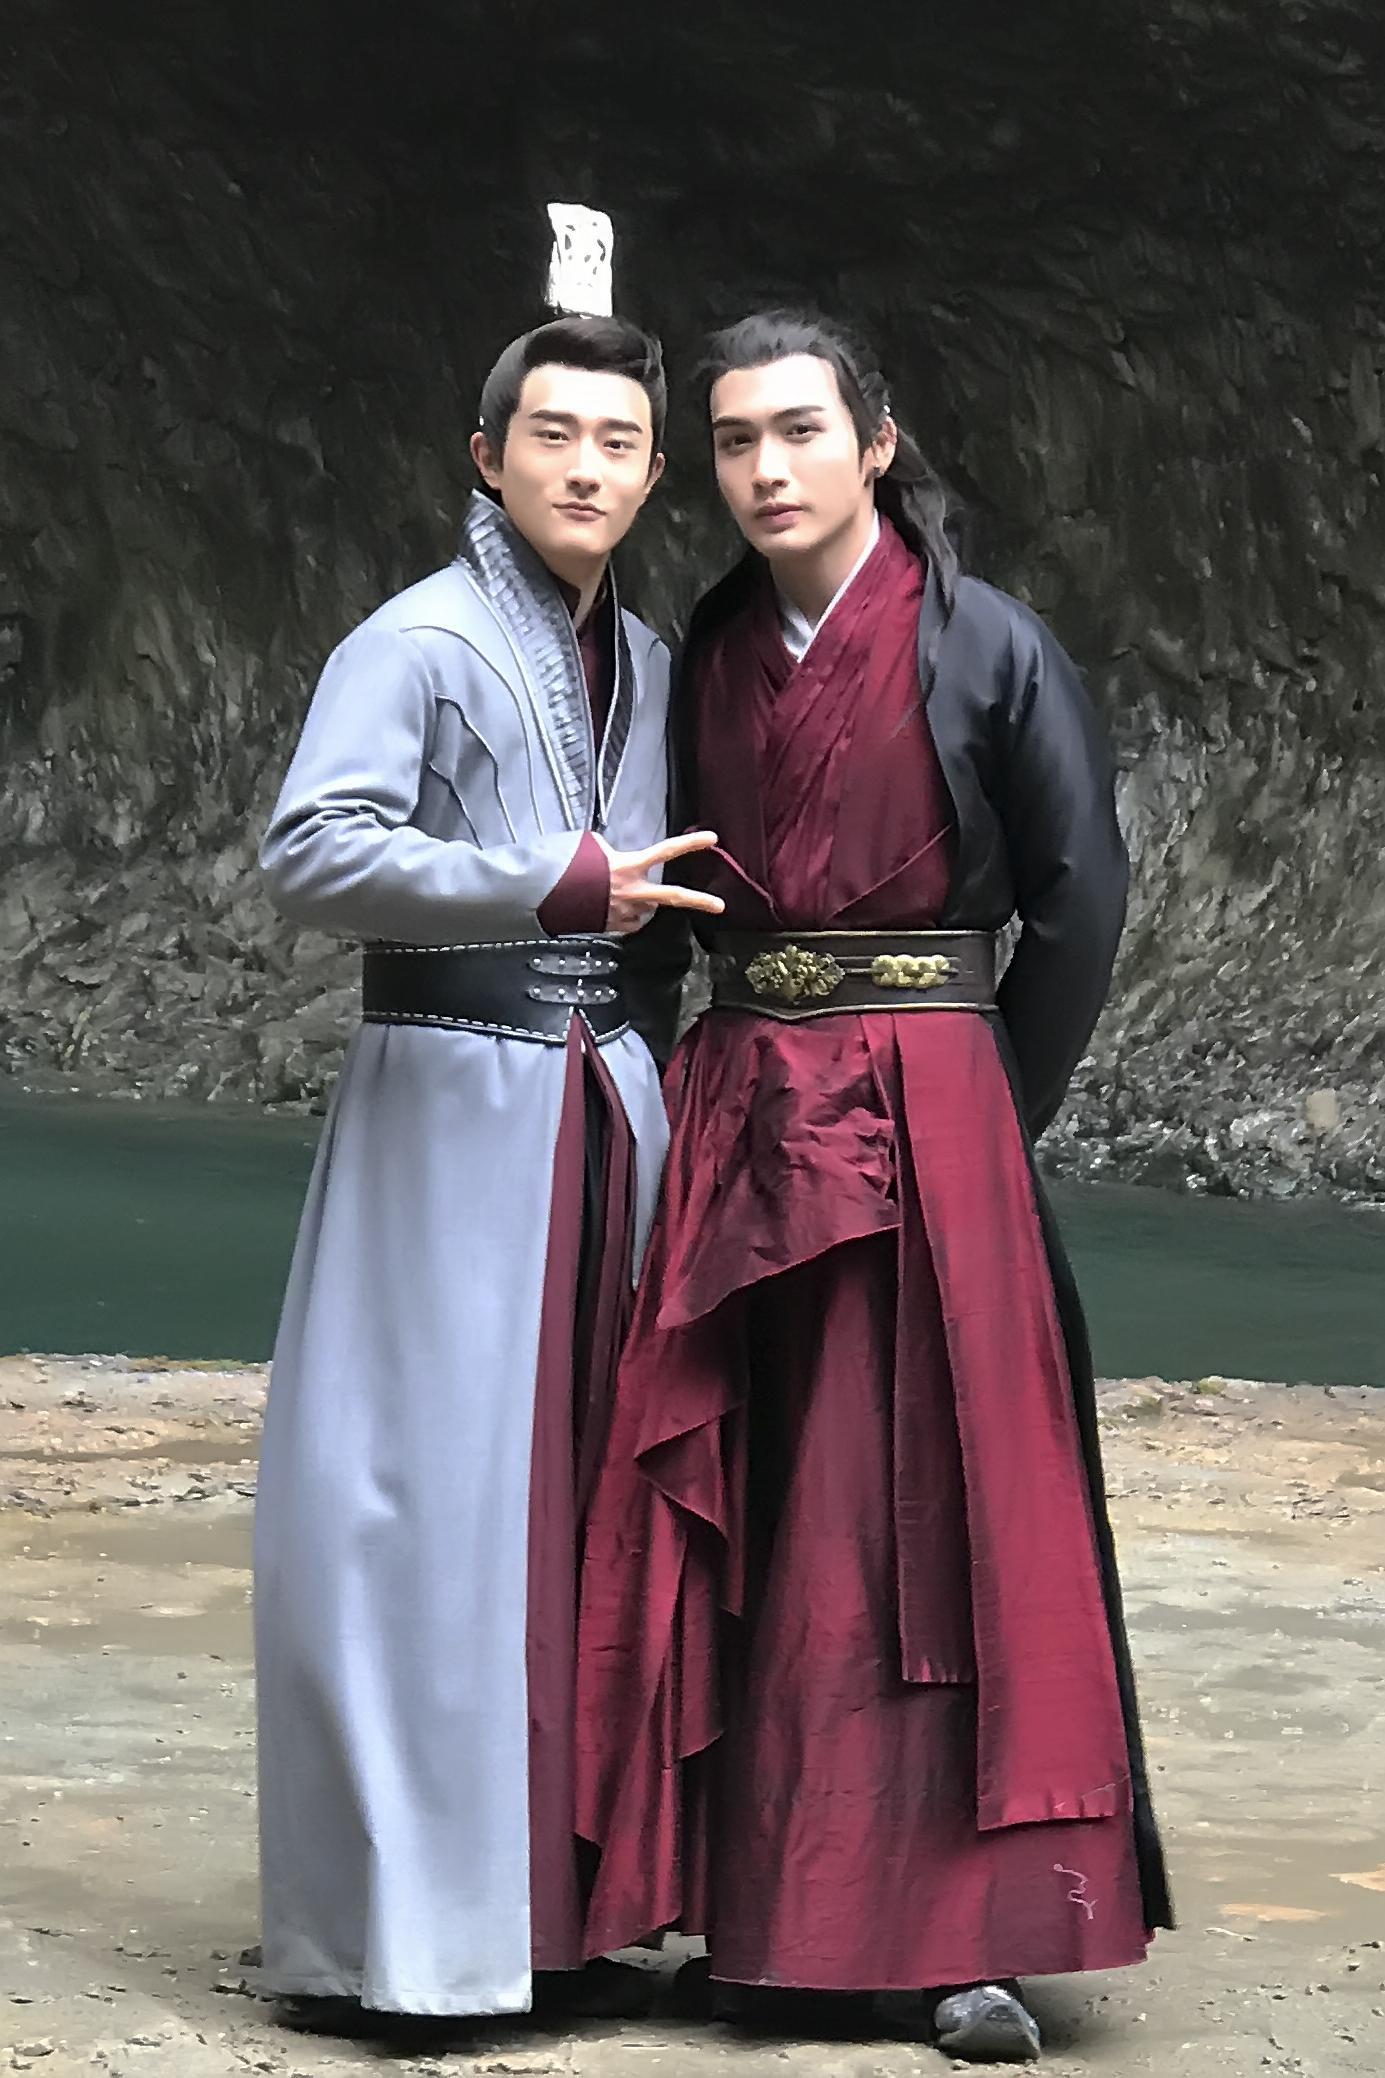 樊驿宁(左)张彬彬(右)